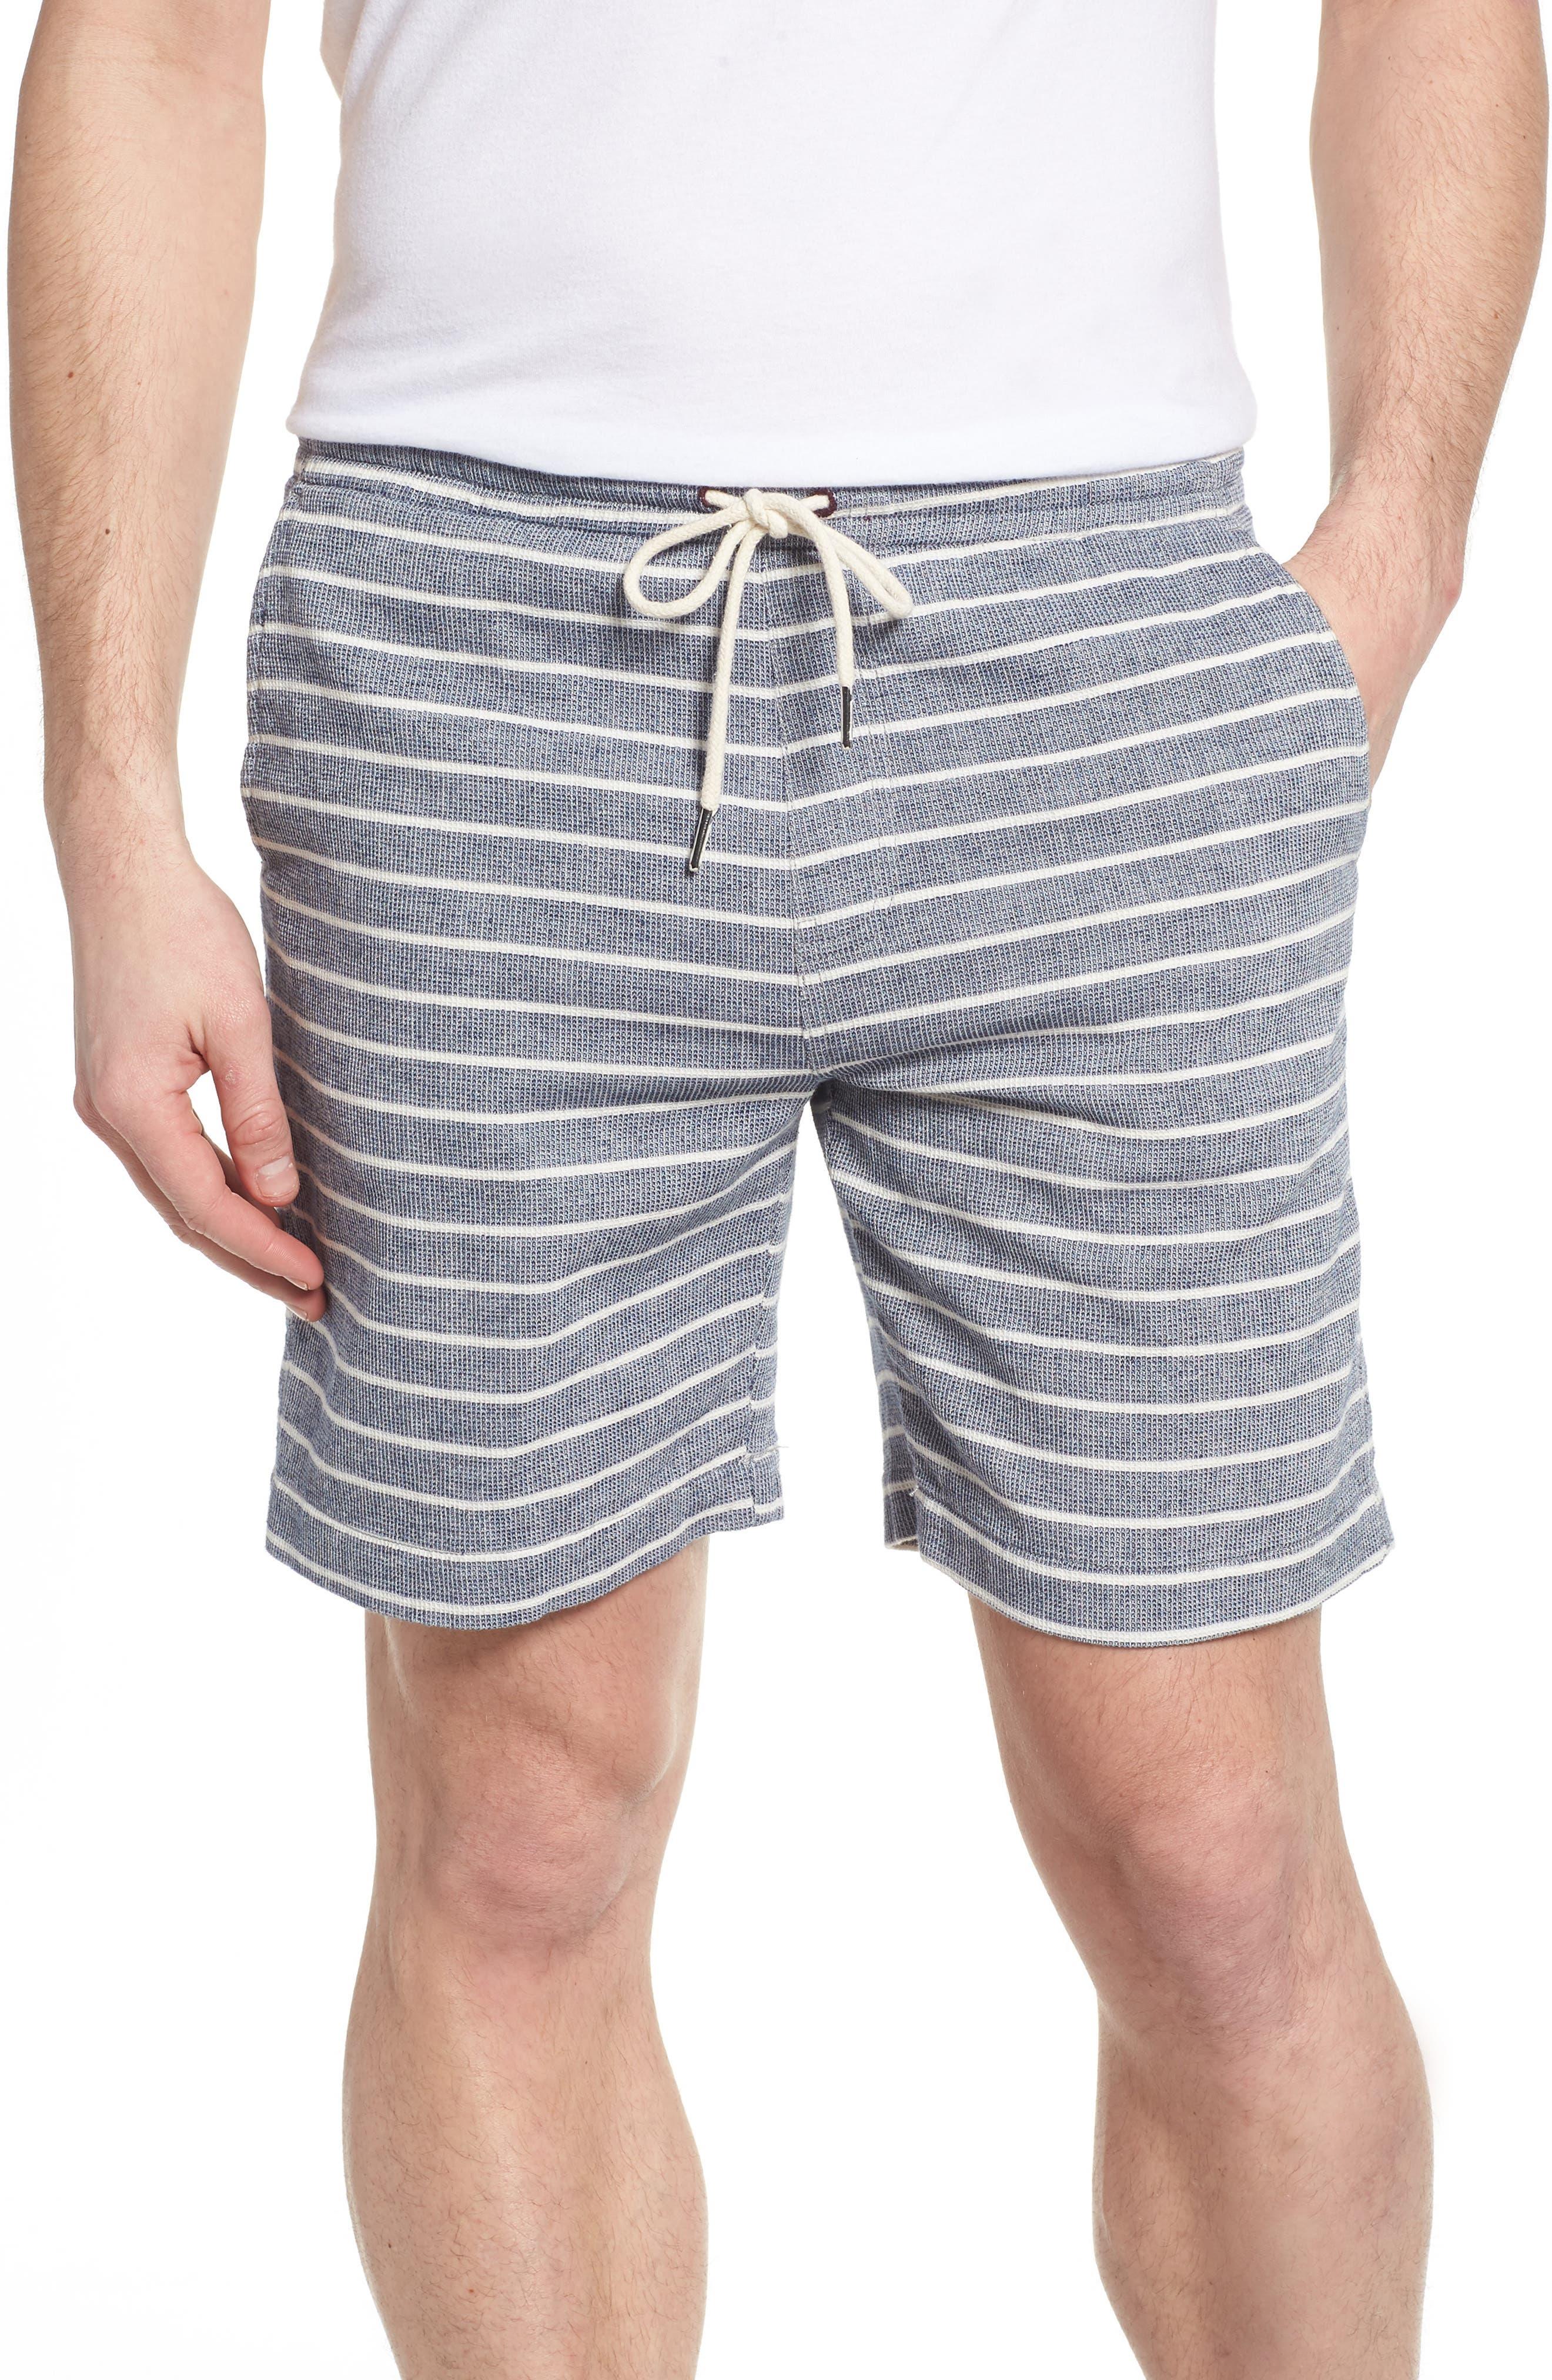 Steve Stripe Pull-On Shorts,                         Main,                         color, Blue / White